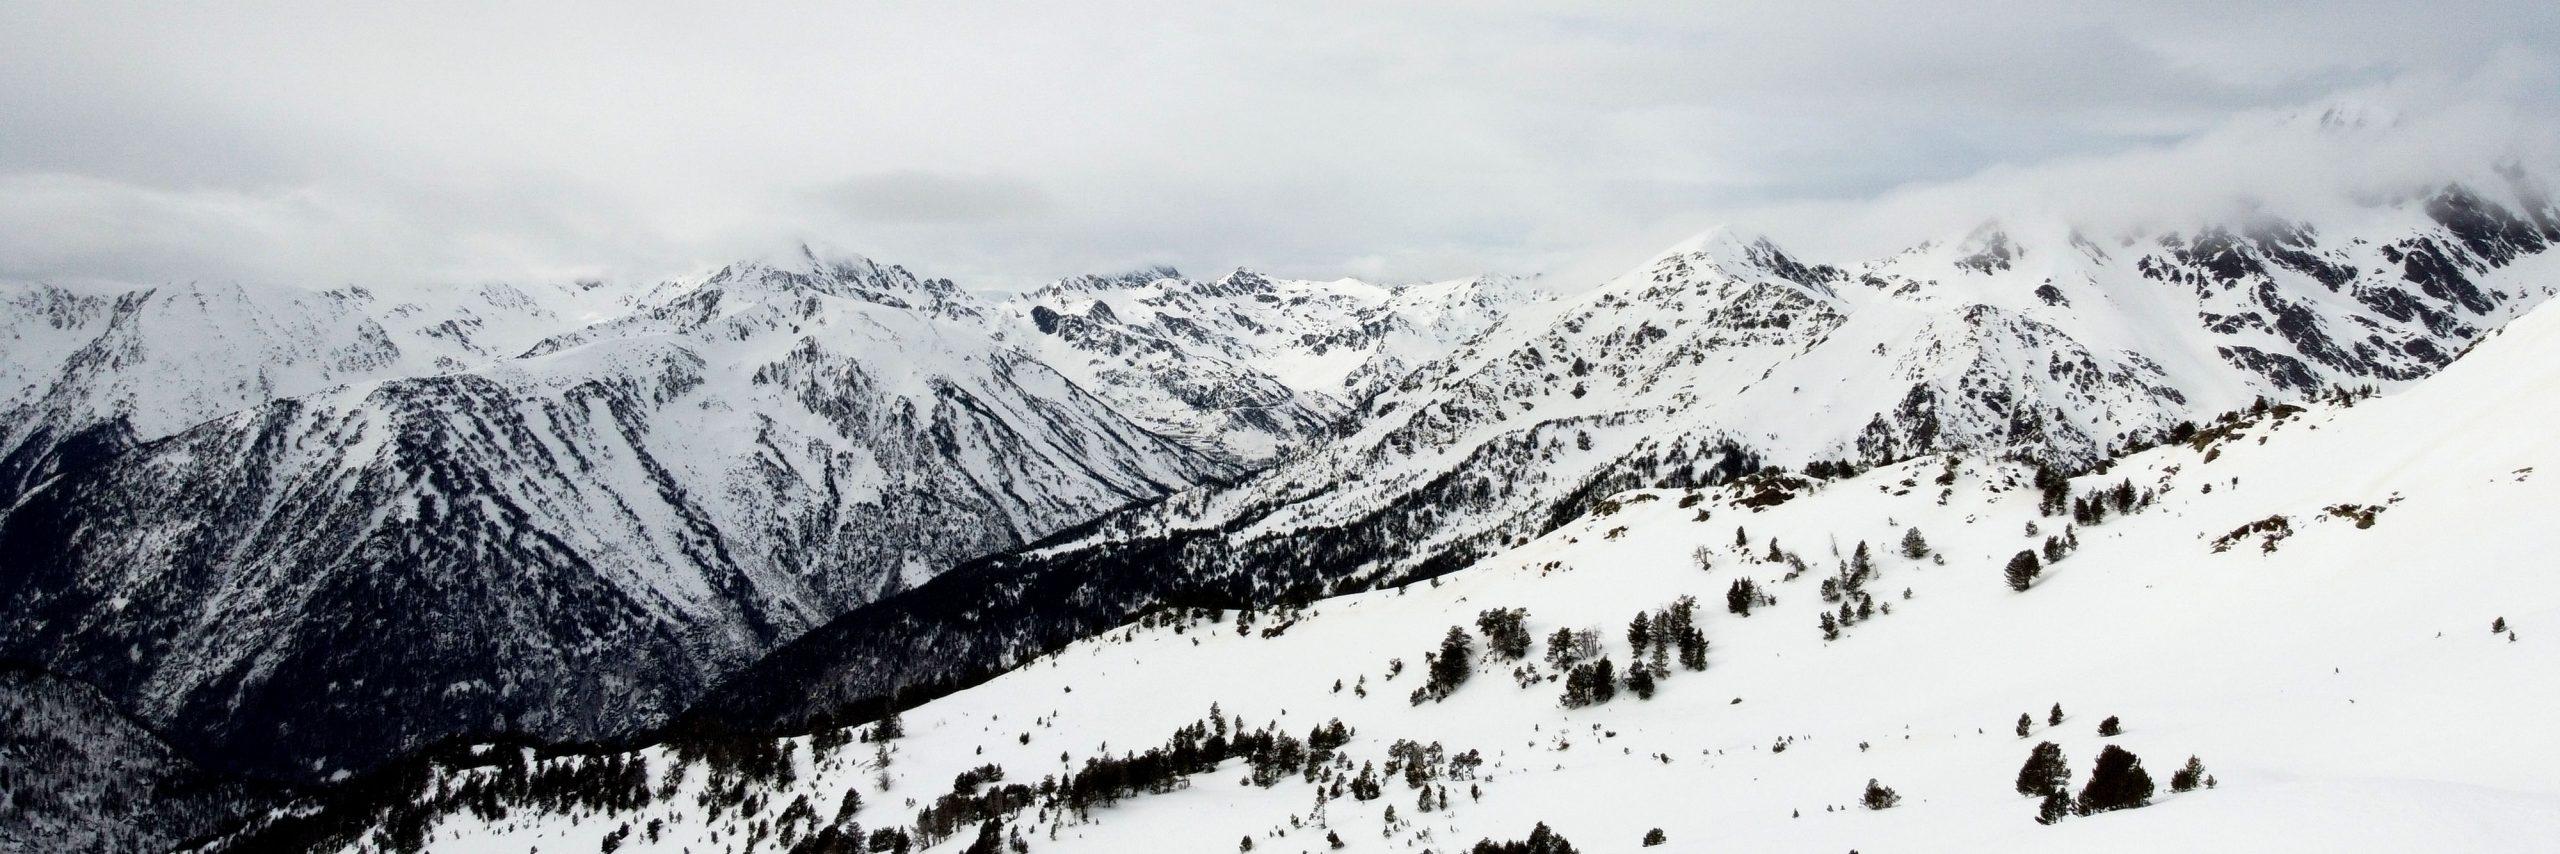 montaña_nevada